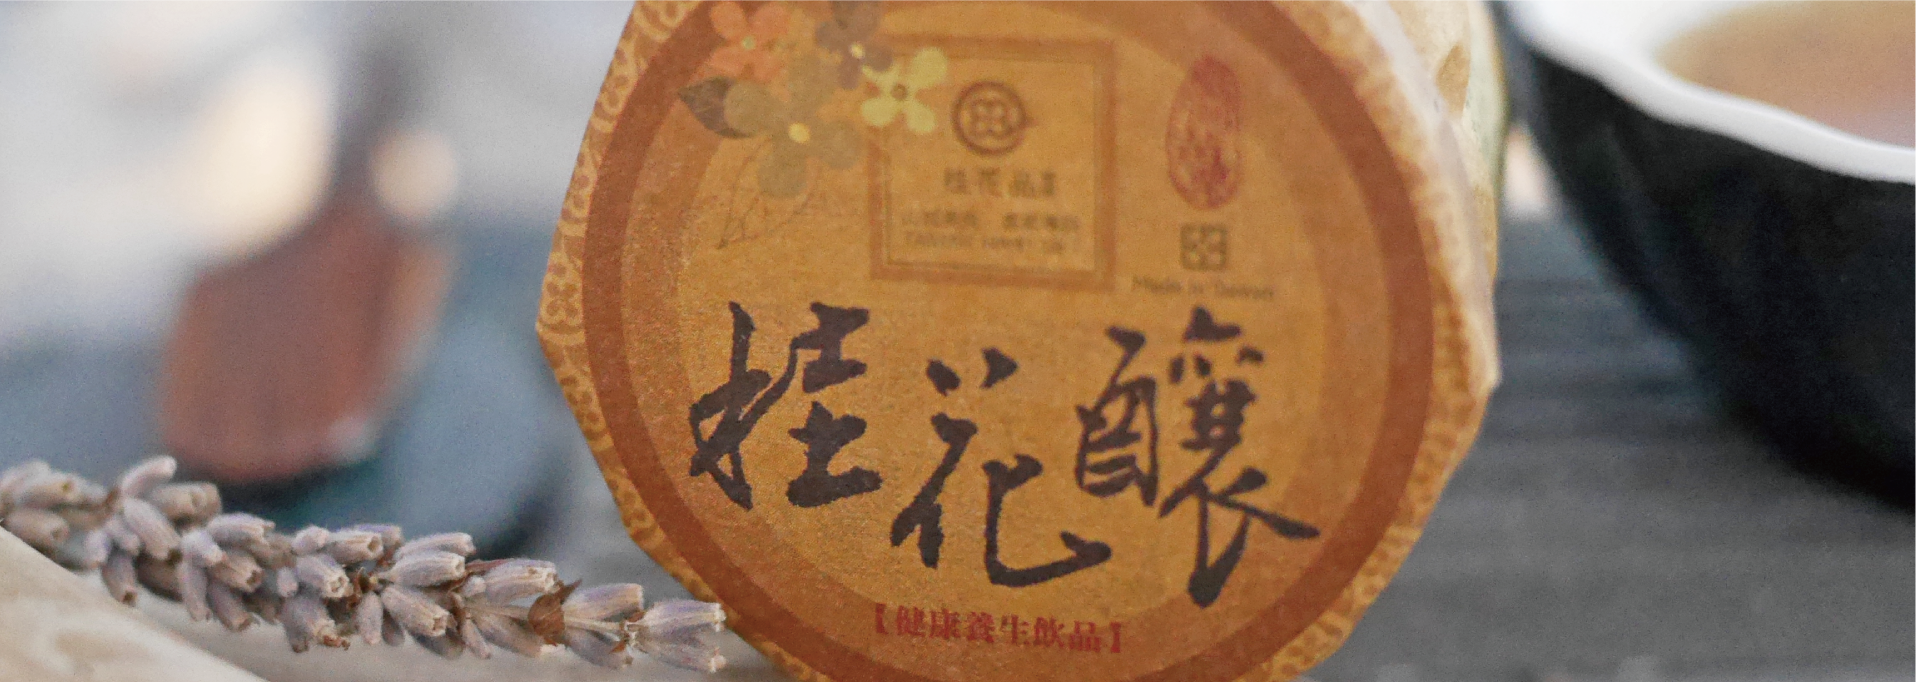 桂花釀說明圖(繁體版)新_04.jpg